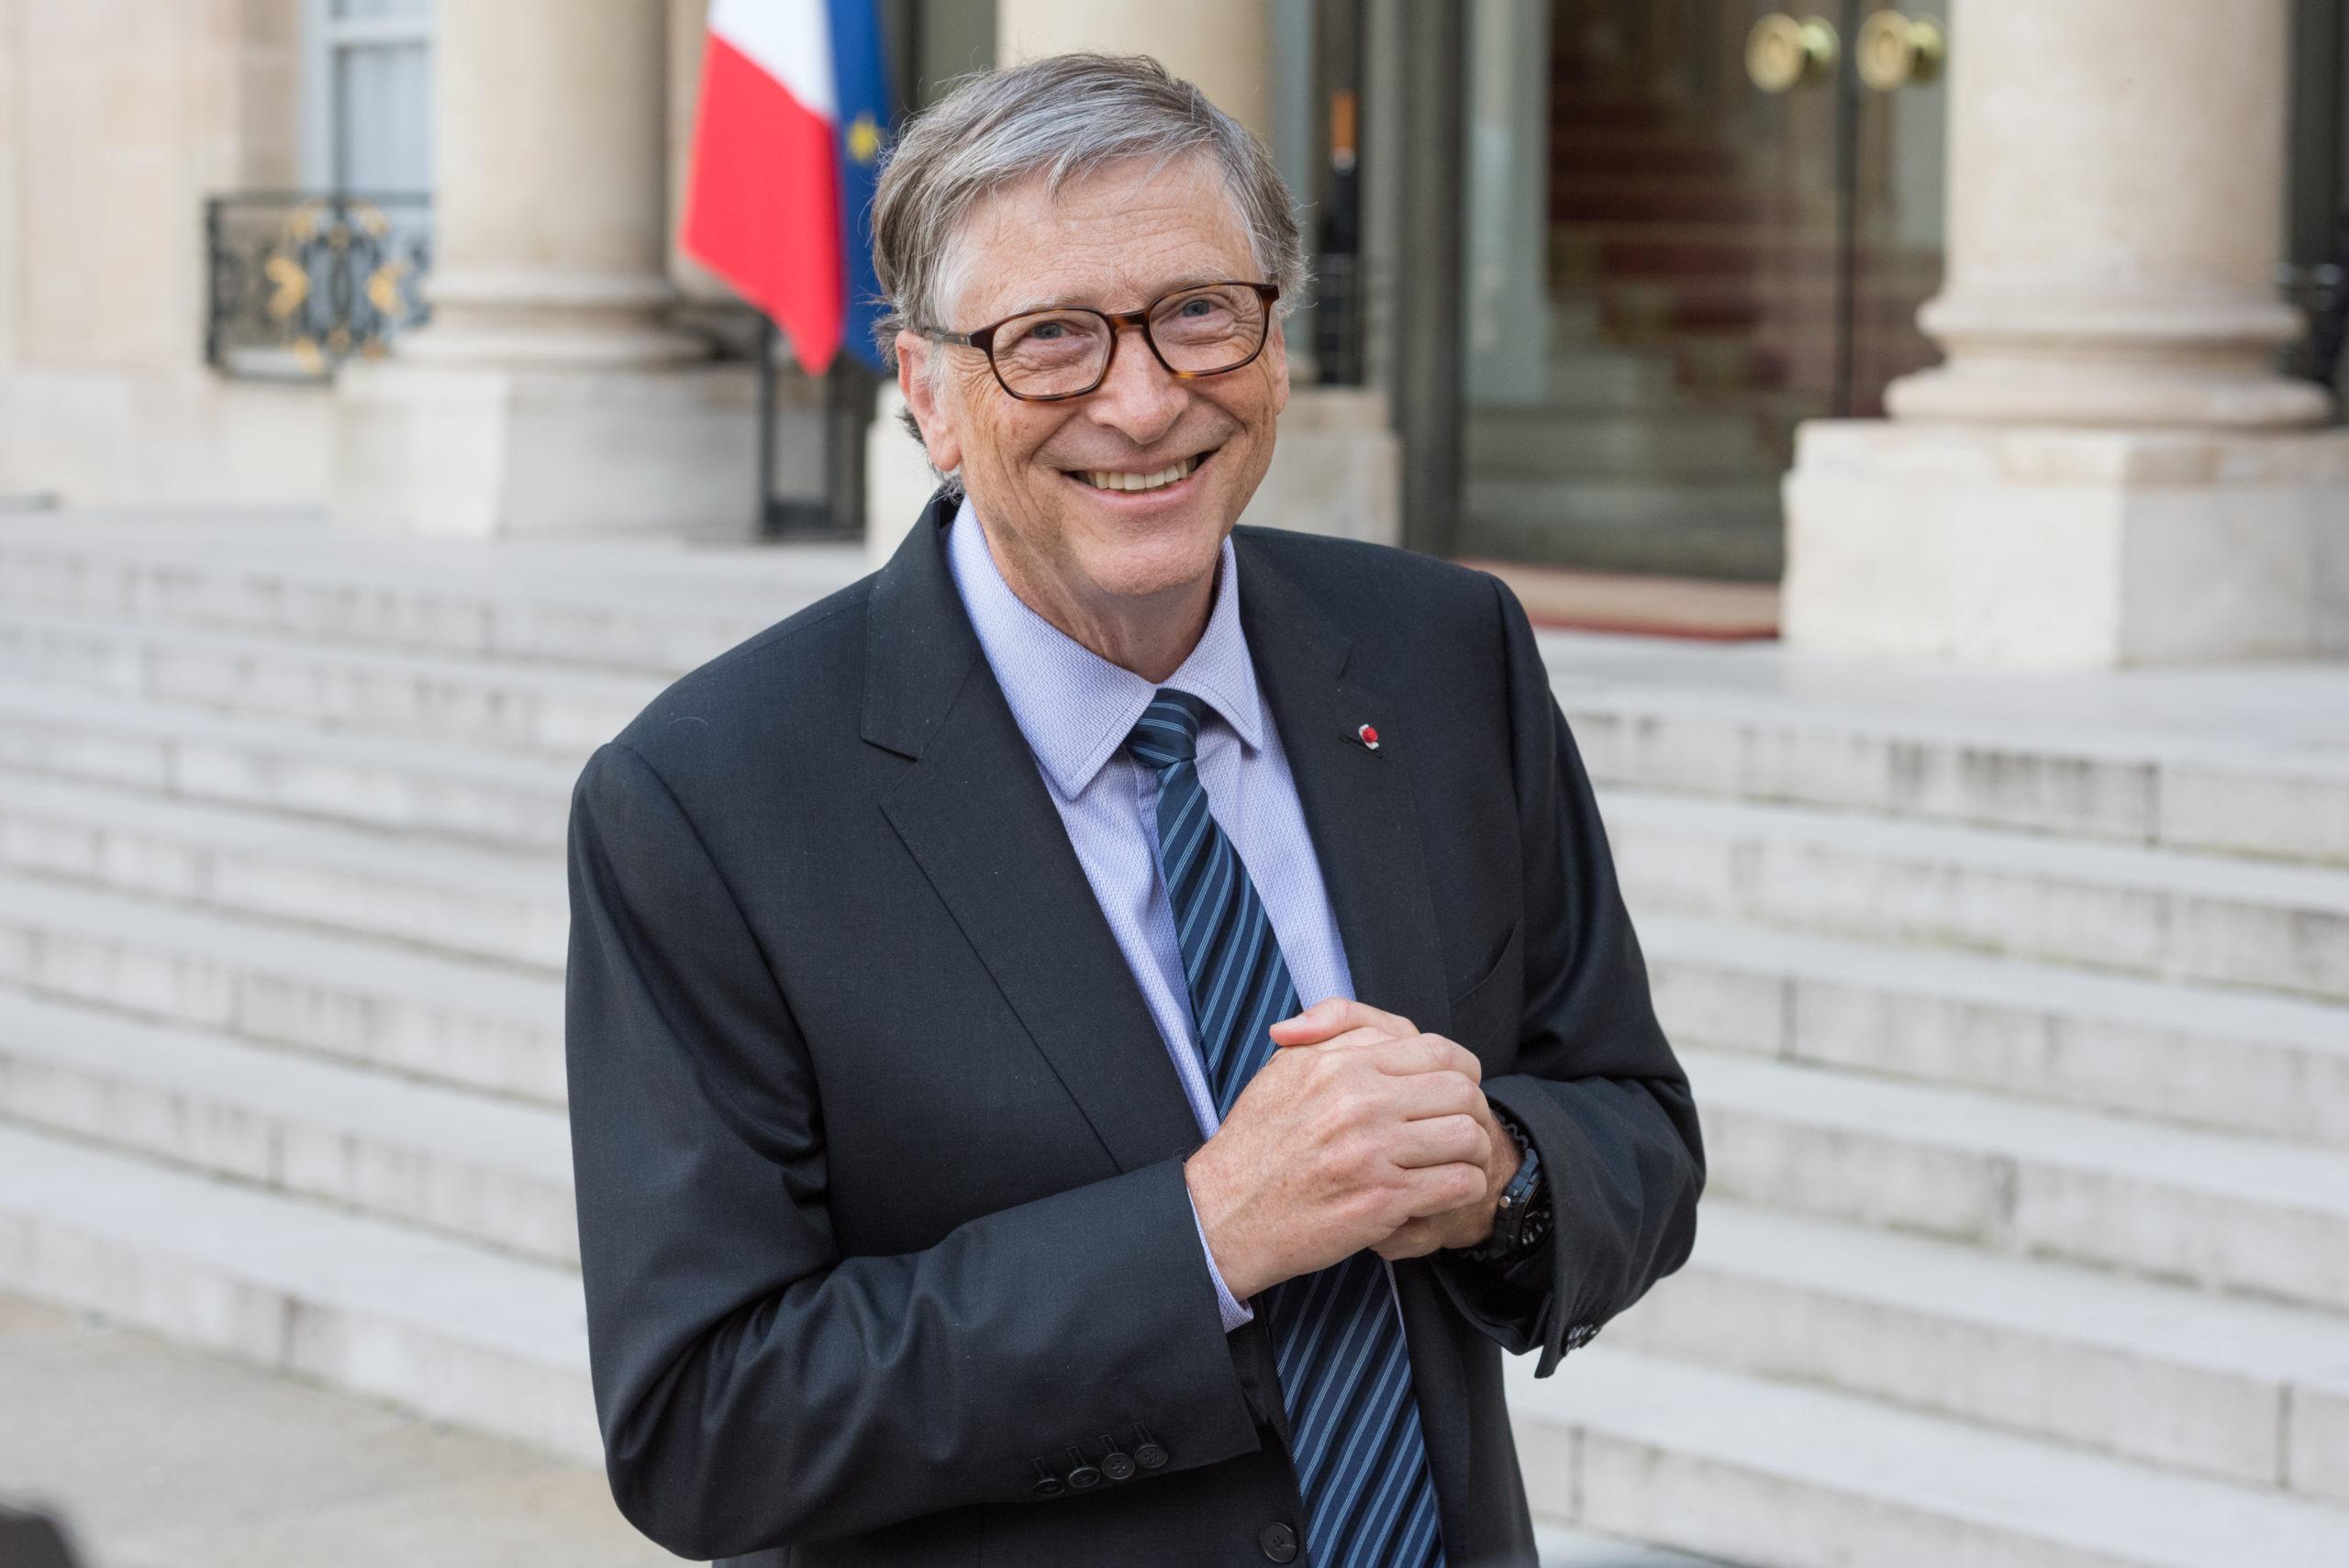 """""""Hay cosas inesperadas que pueden descarrilar los sueños. Pero podemos controlar en qué nos enfocamos para hacerlos realidad"""": Bill Gates"""